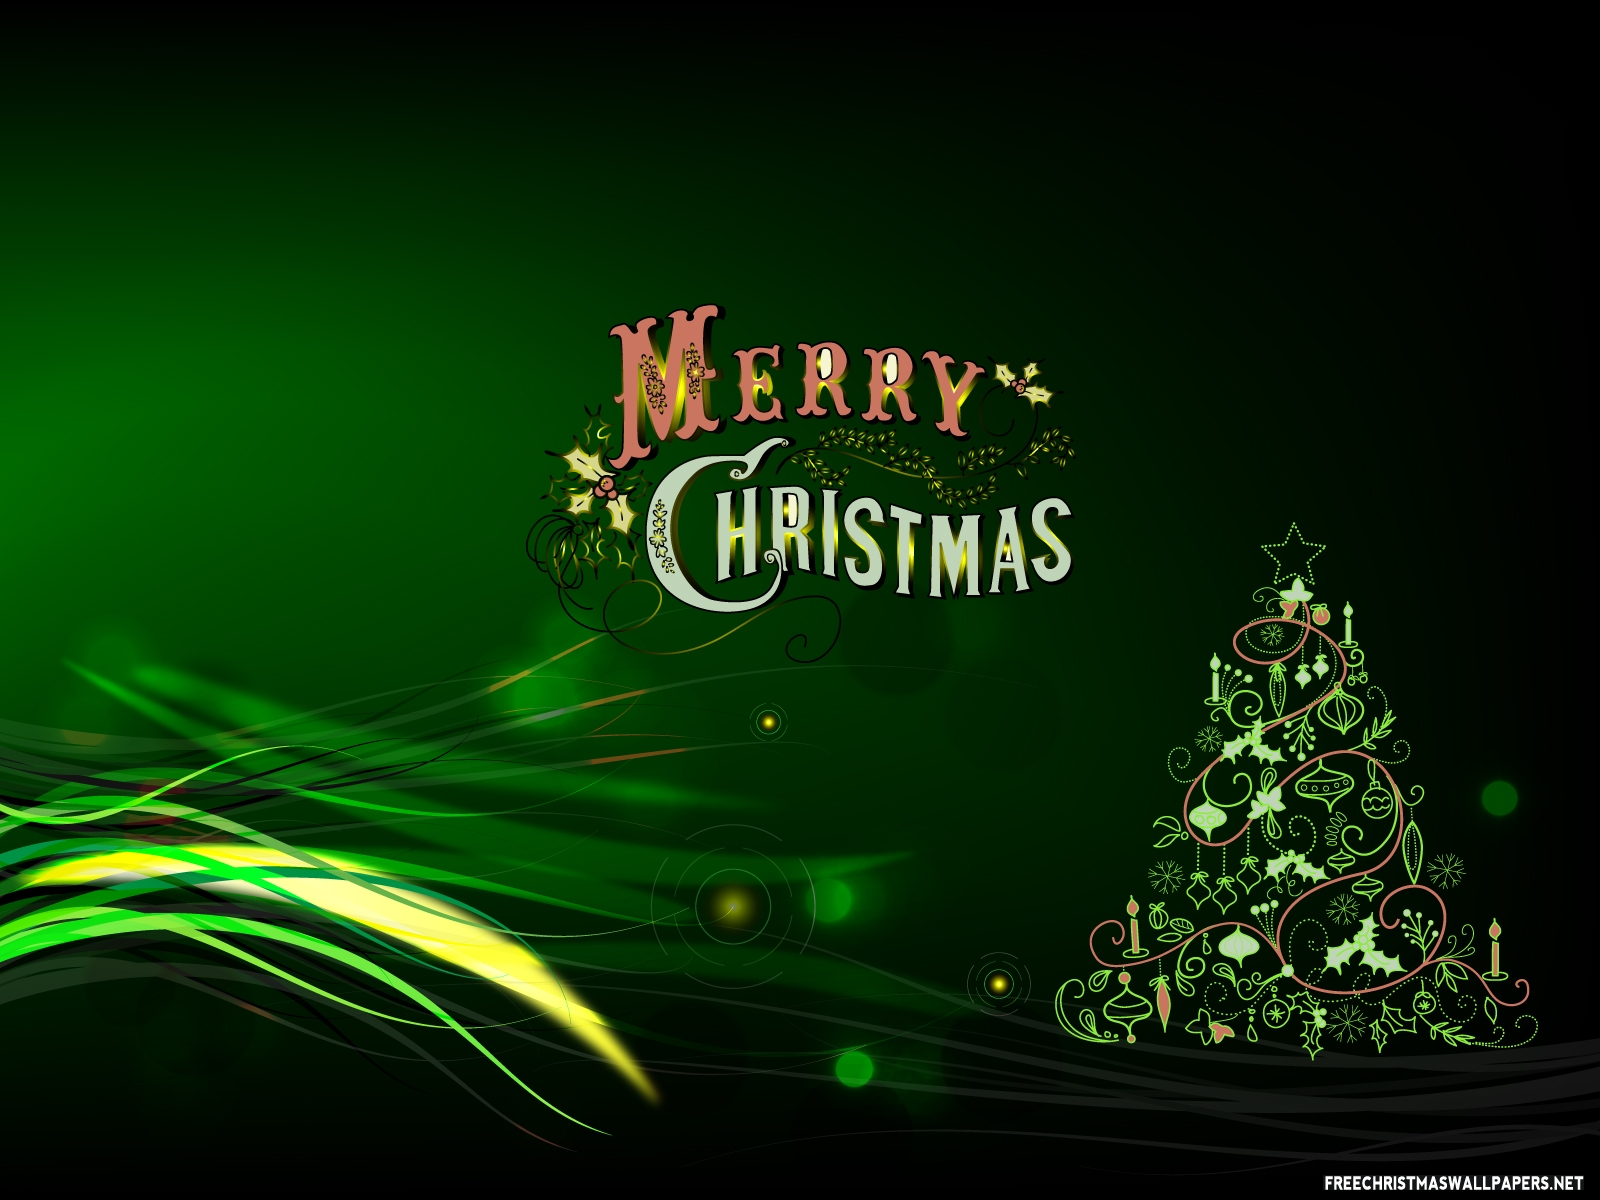 Green Merry Christmas wallpaper - Free Desktop Wallpaper